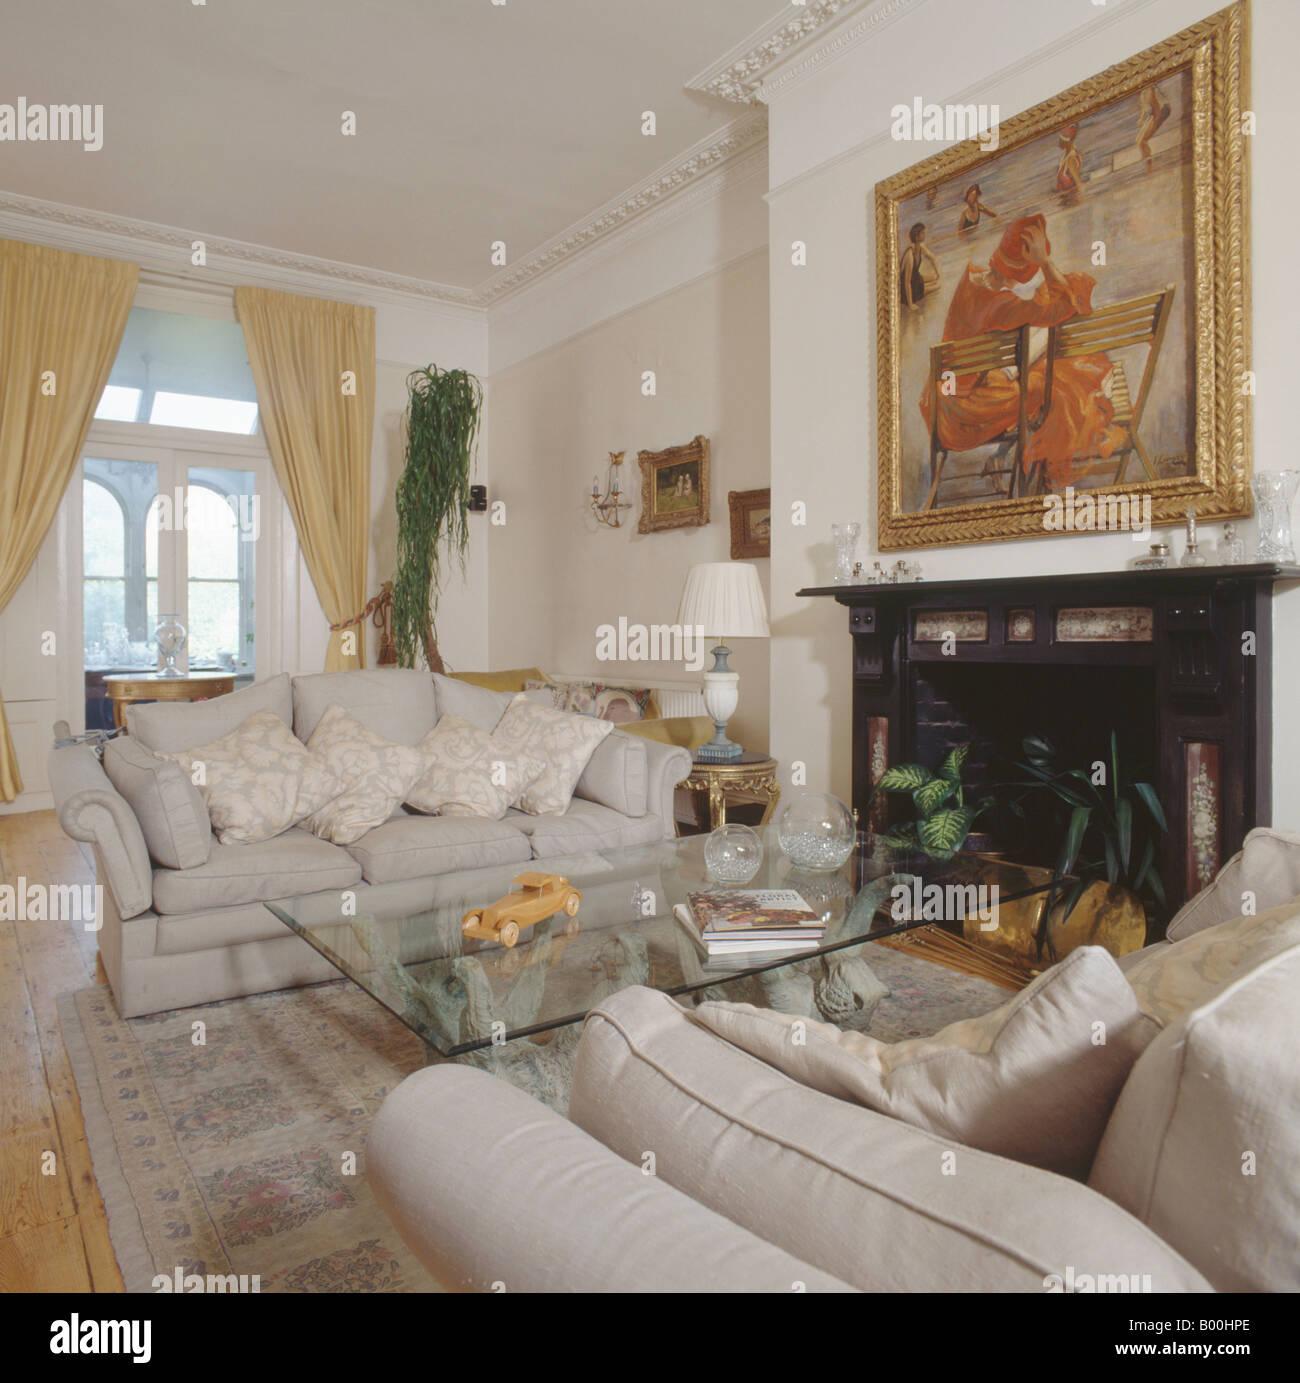 Cremefarbene Sofas und modernen Glastisch im traditionellen ...